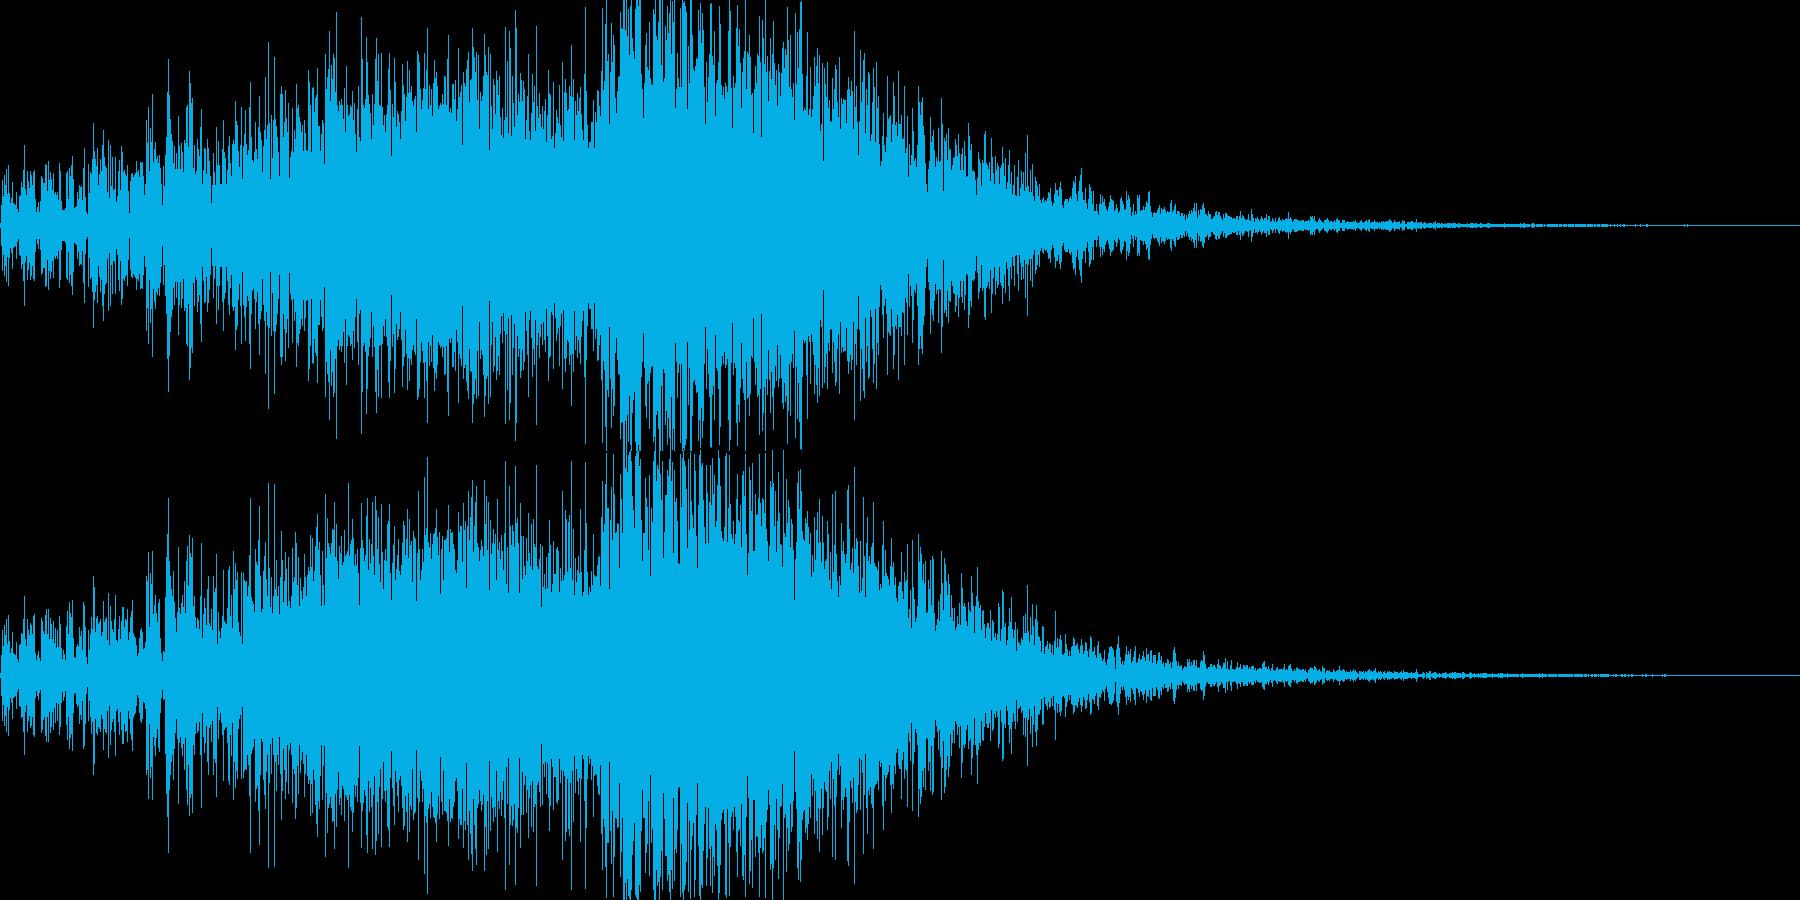 アニメにありそうなメカの攻撃音、衝撃音の再生済みの波形